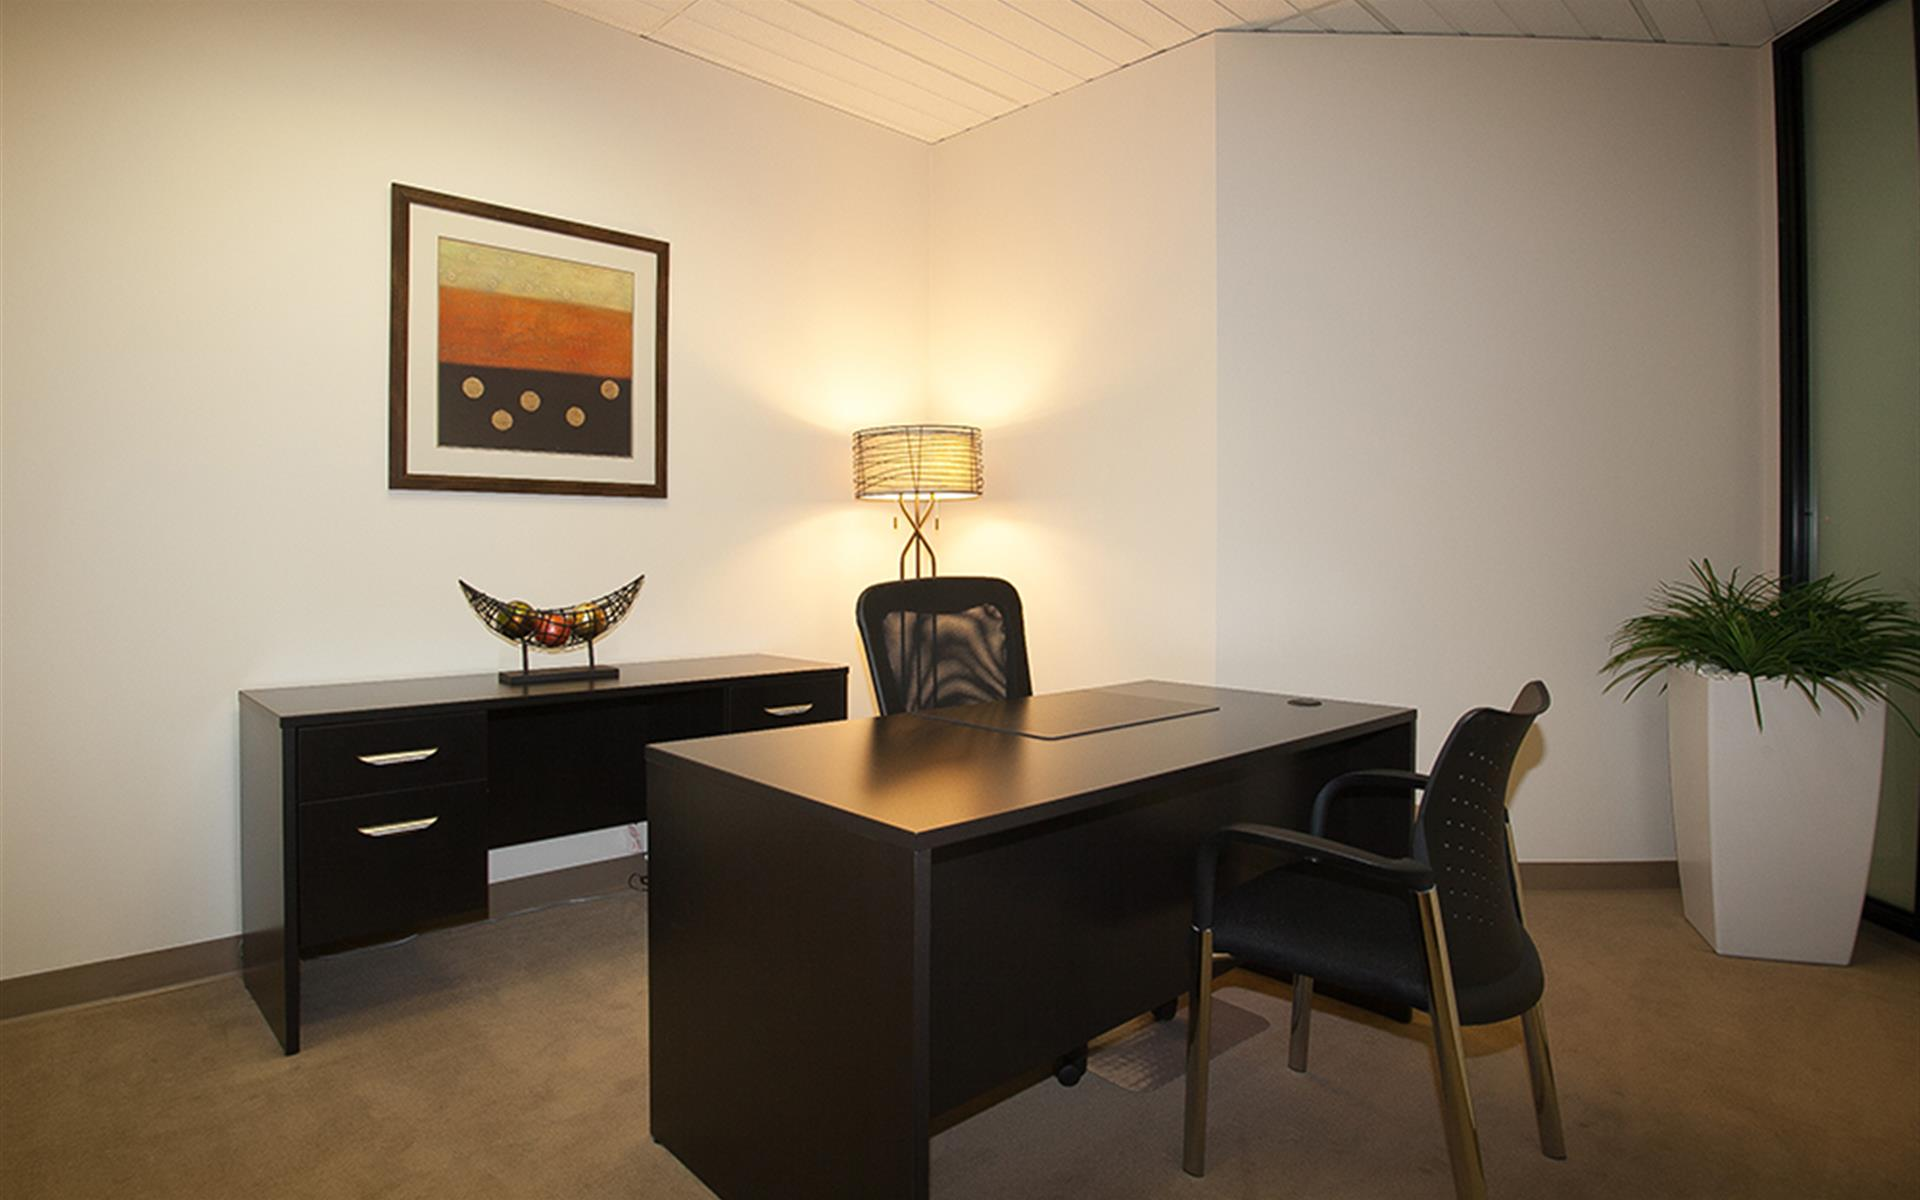 (ELS) El Segundo - Interior Office